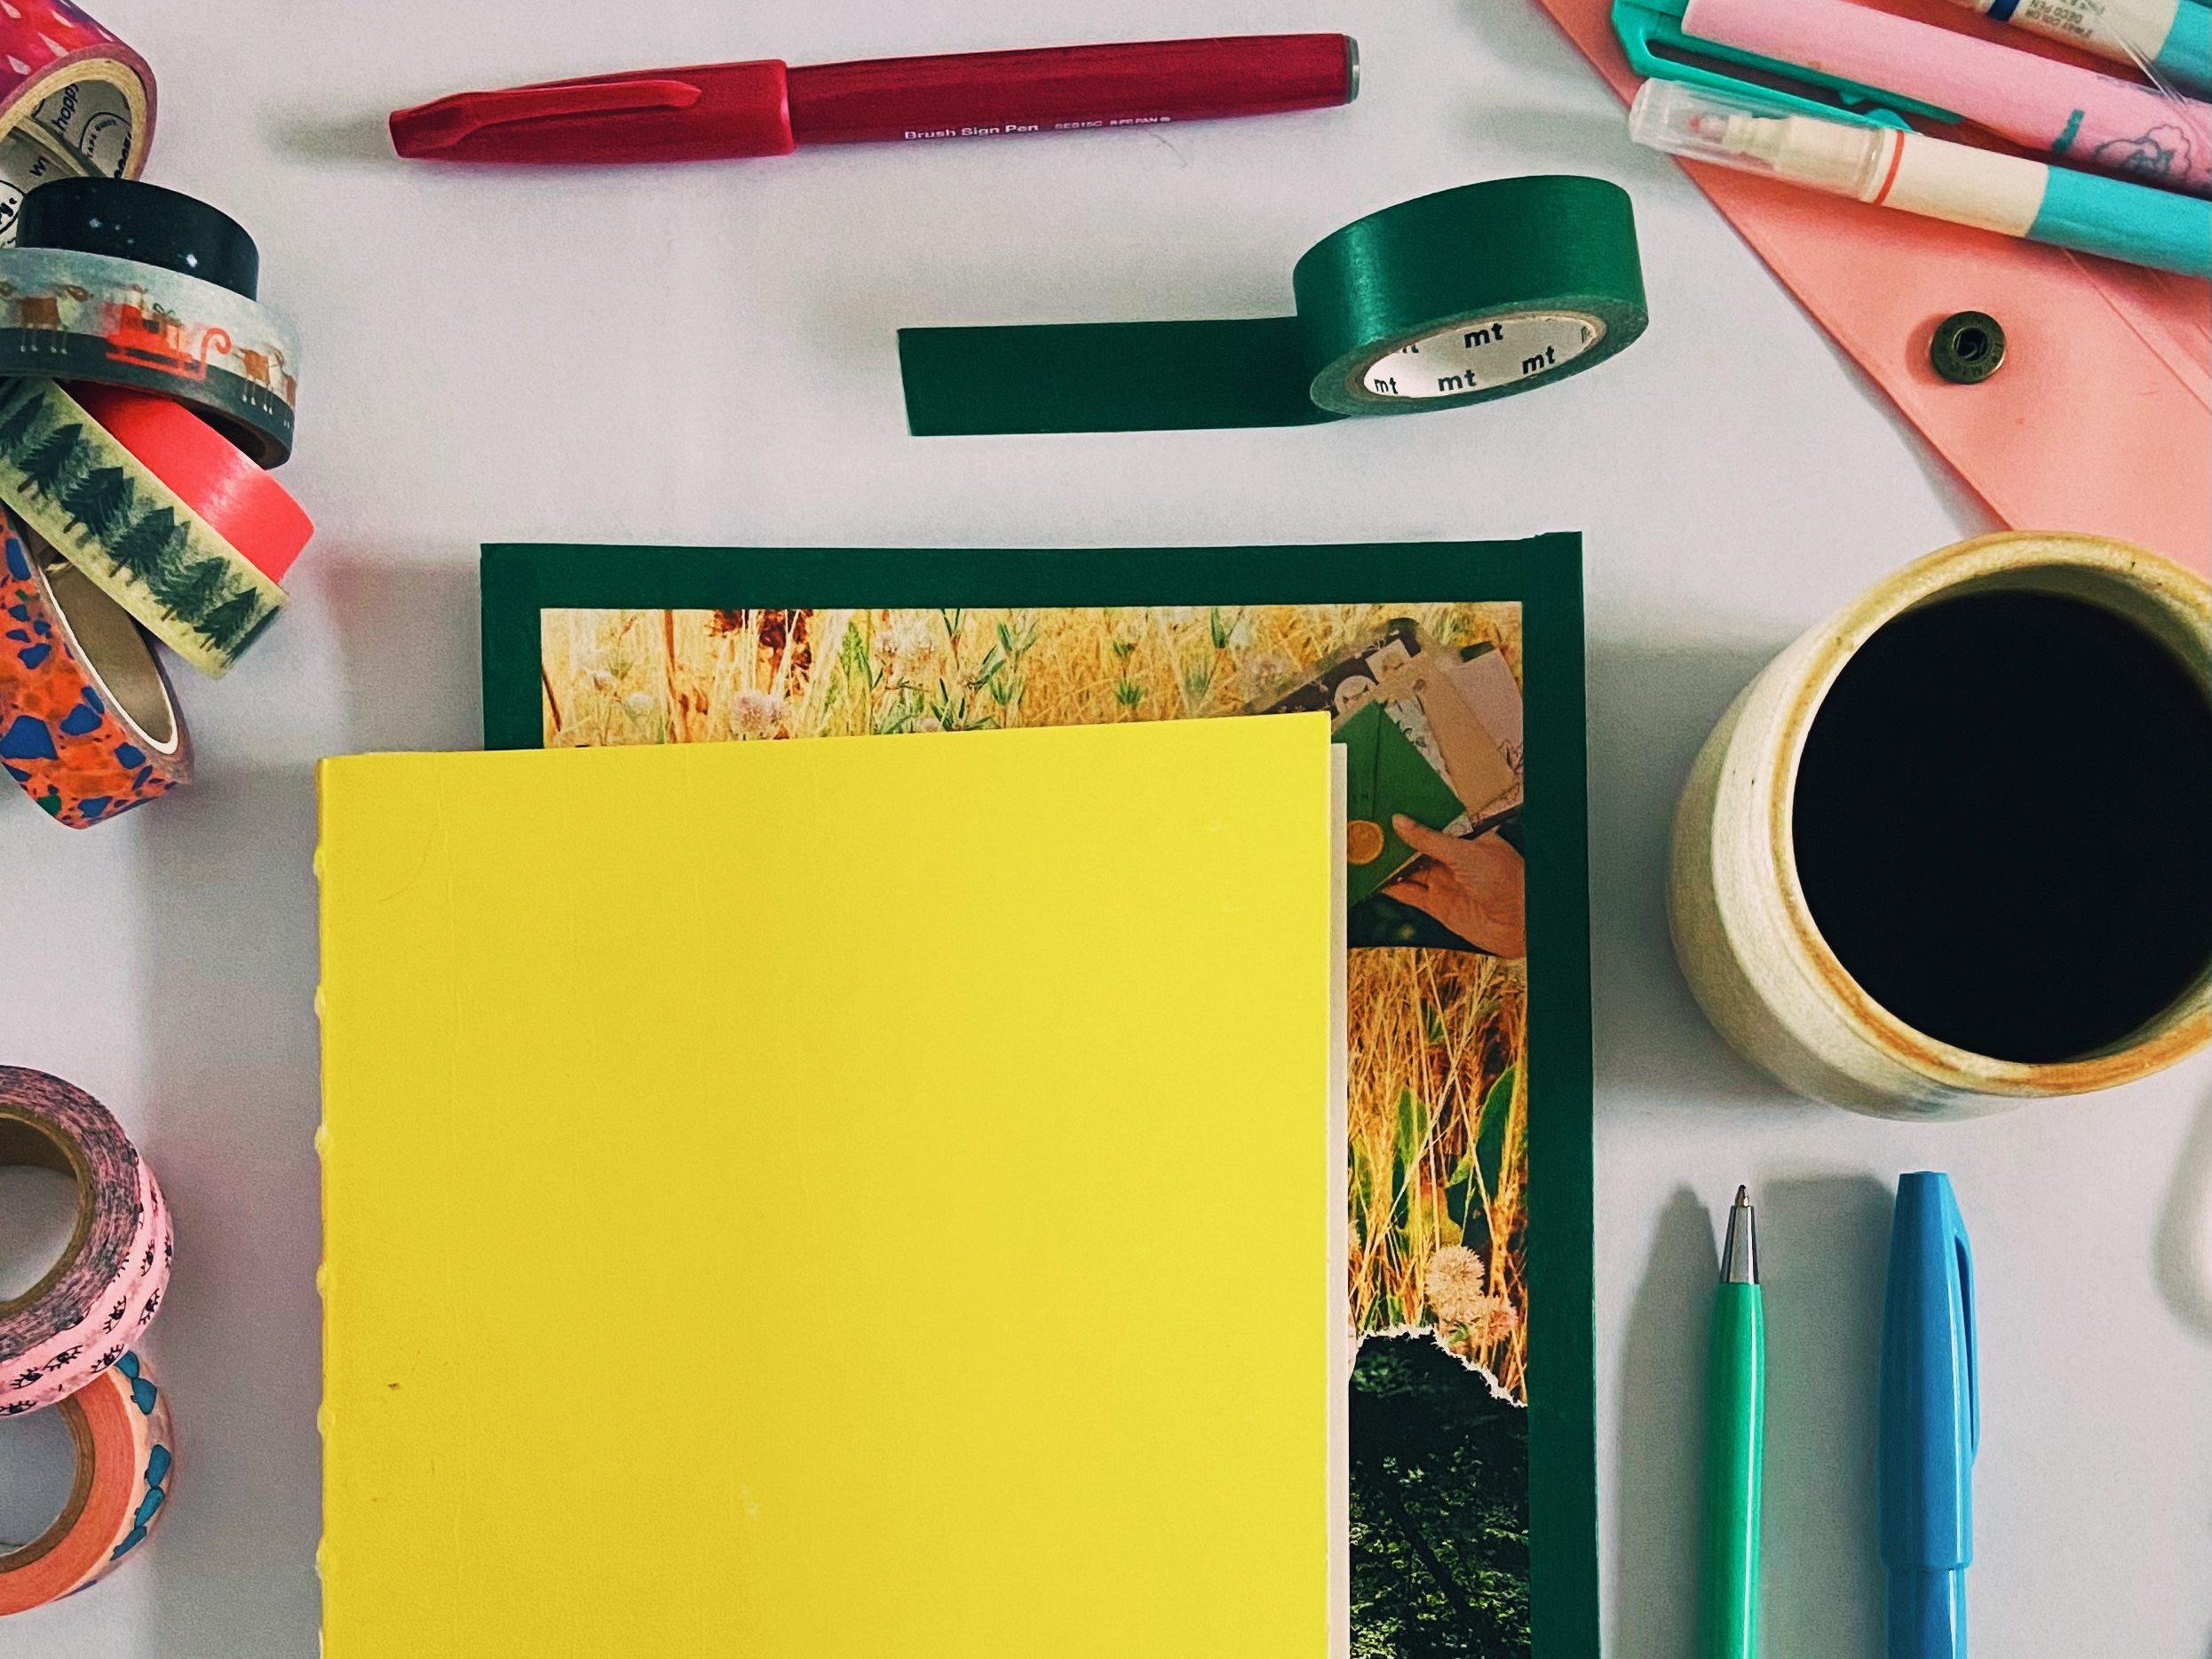 Op zoek naar een copywriter in Kortrijk? Ik schrijf longcopy voor ondernemers met een verhaal: webteksten, blogposts en nieuwsbrieven.